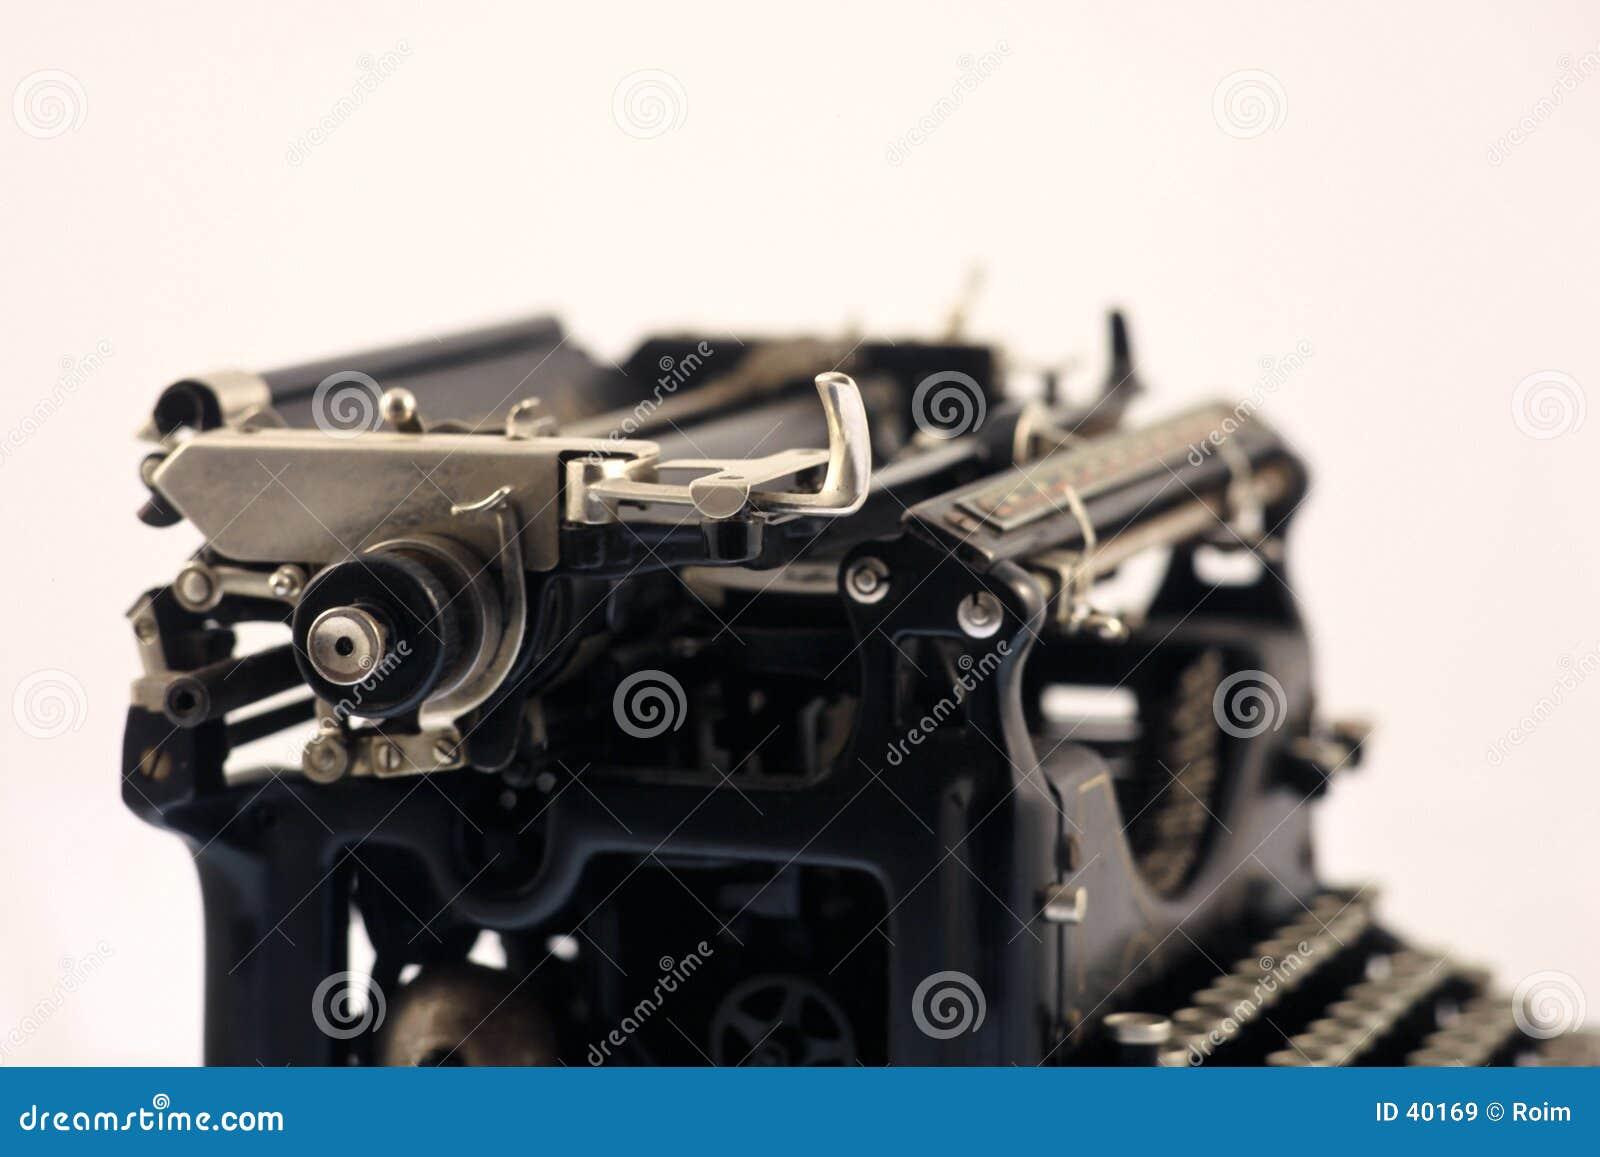 Download Typewritter viejo imagen de archivo. Imagen de marco, claves - 40169